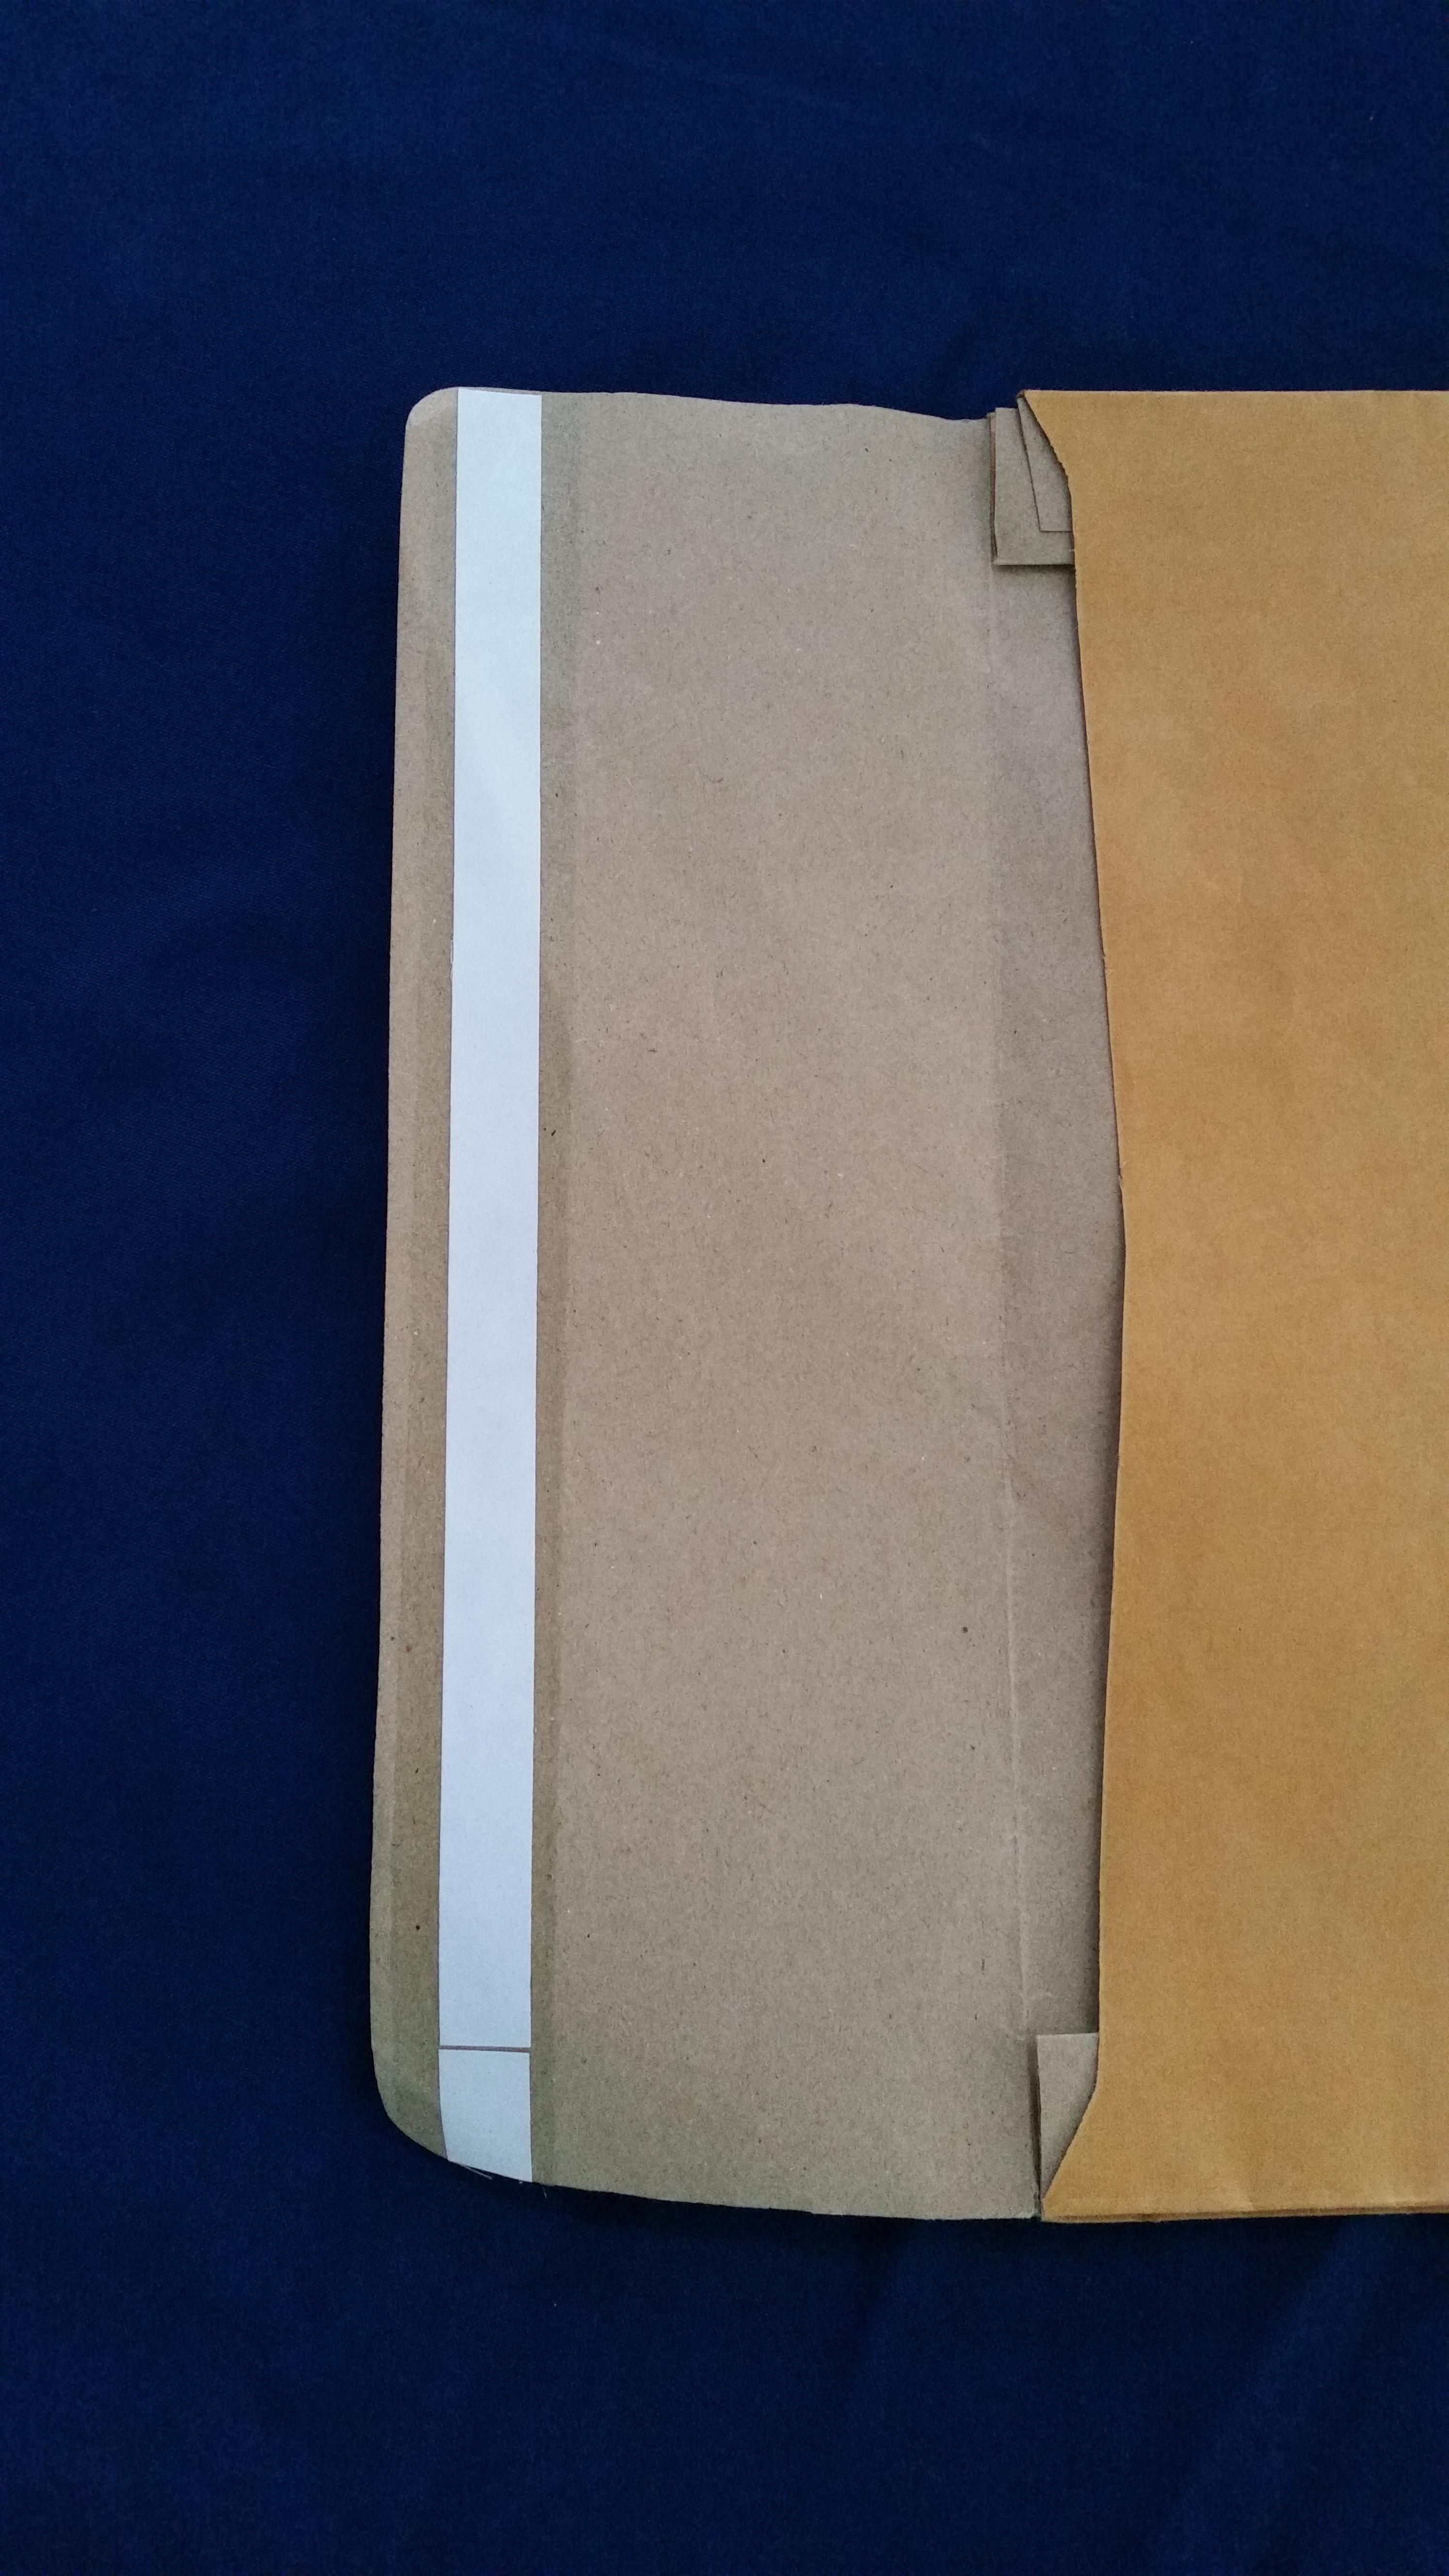 ซองเอกสารขยายข้าง กระดาษ KA แบบมีเทปกาว